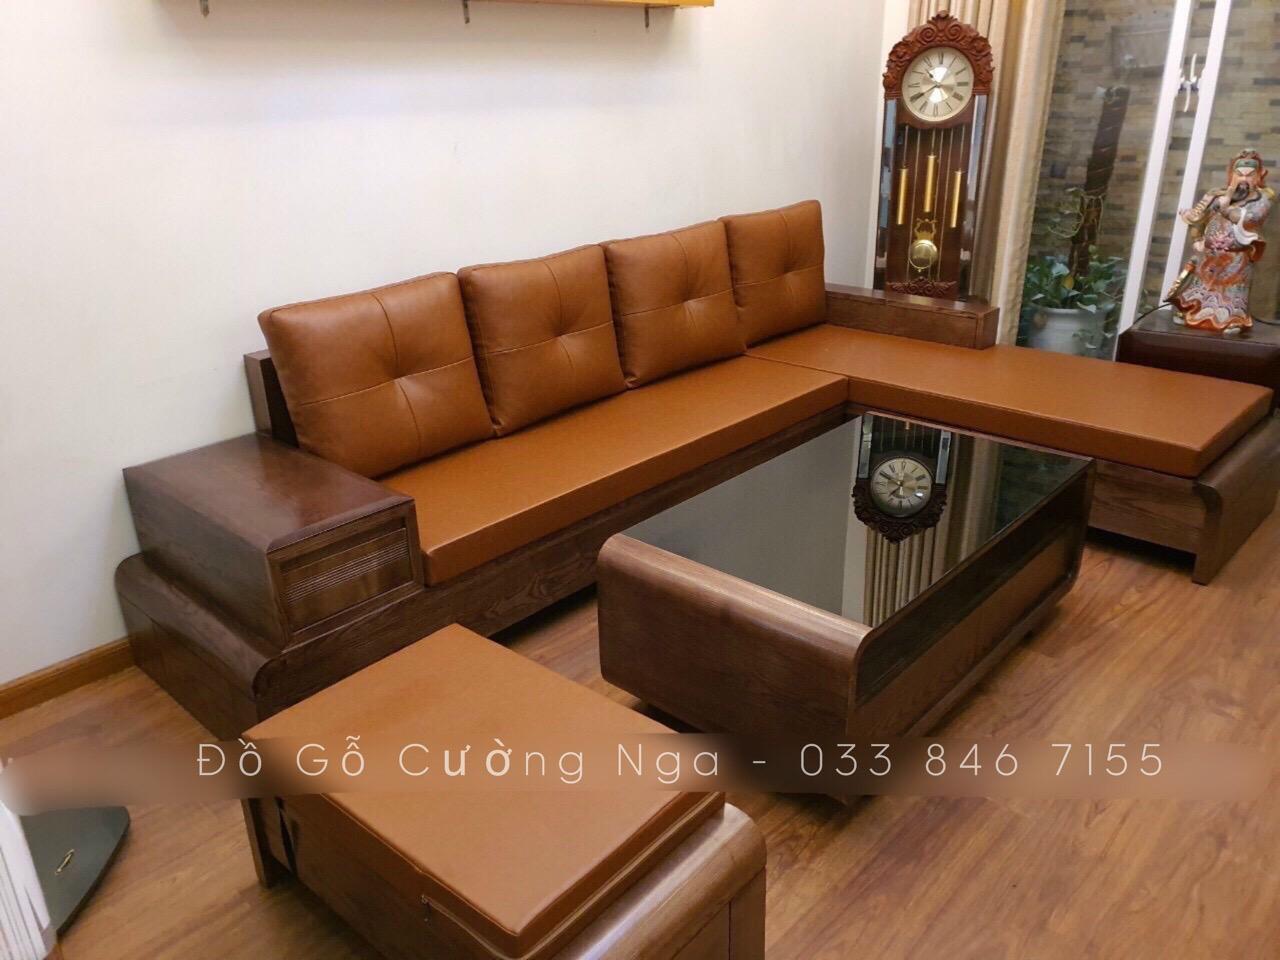 bàn ghế sofa gỗ sồi nga giá rẻ